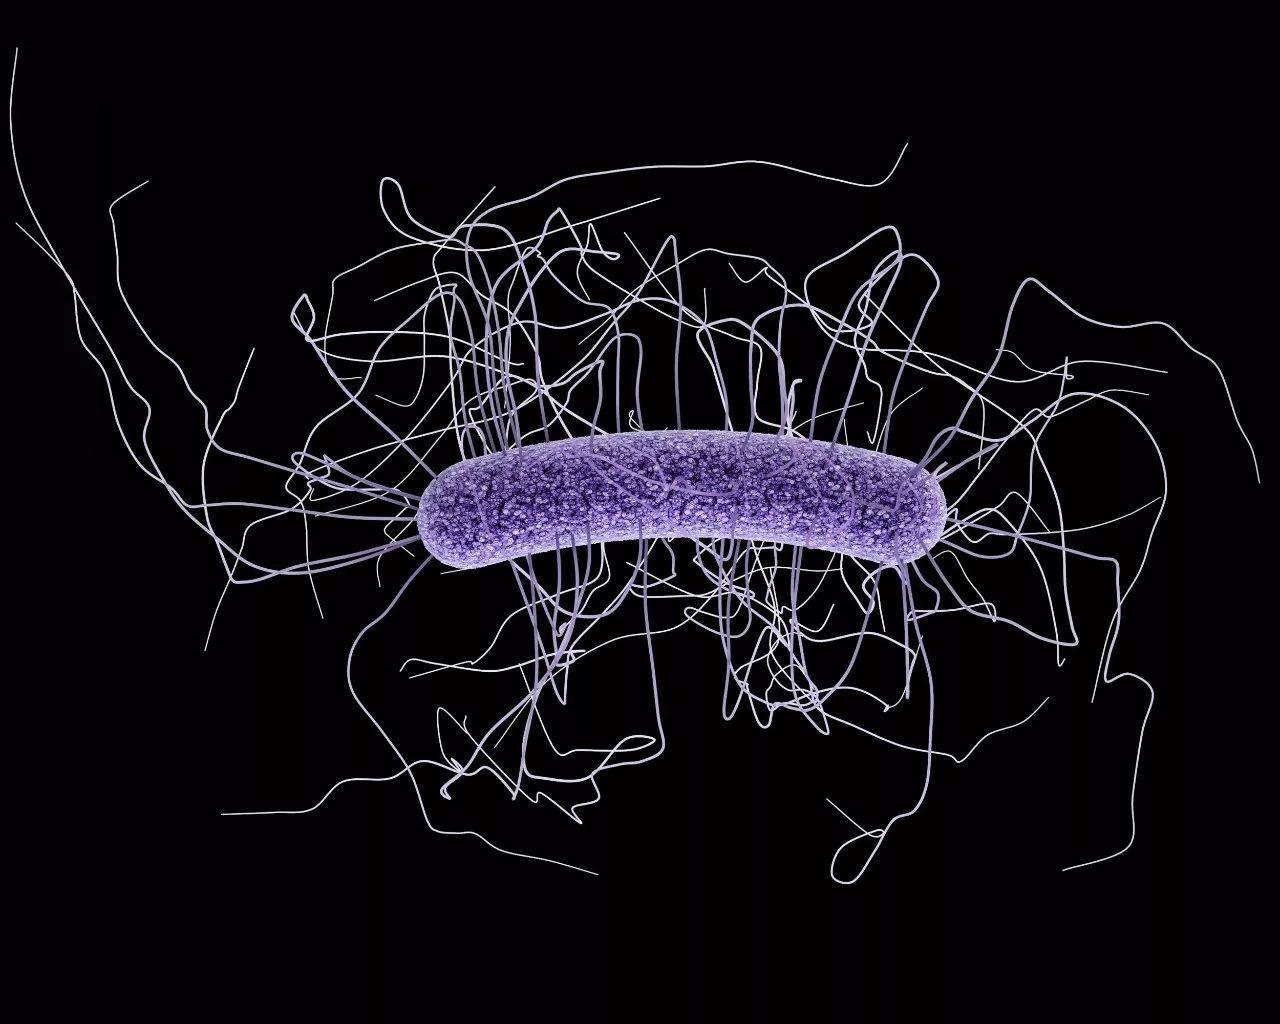 《自然》:万万没想到!经常吃到的海藻糖竟会让高毒力致病菌毒力倍增,或是艰难梭菌感染大爆发的幕后推手 | 科学大发现